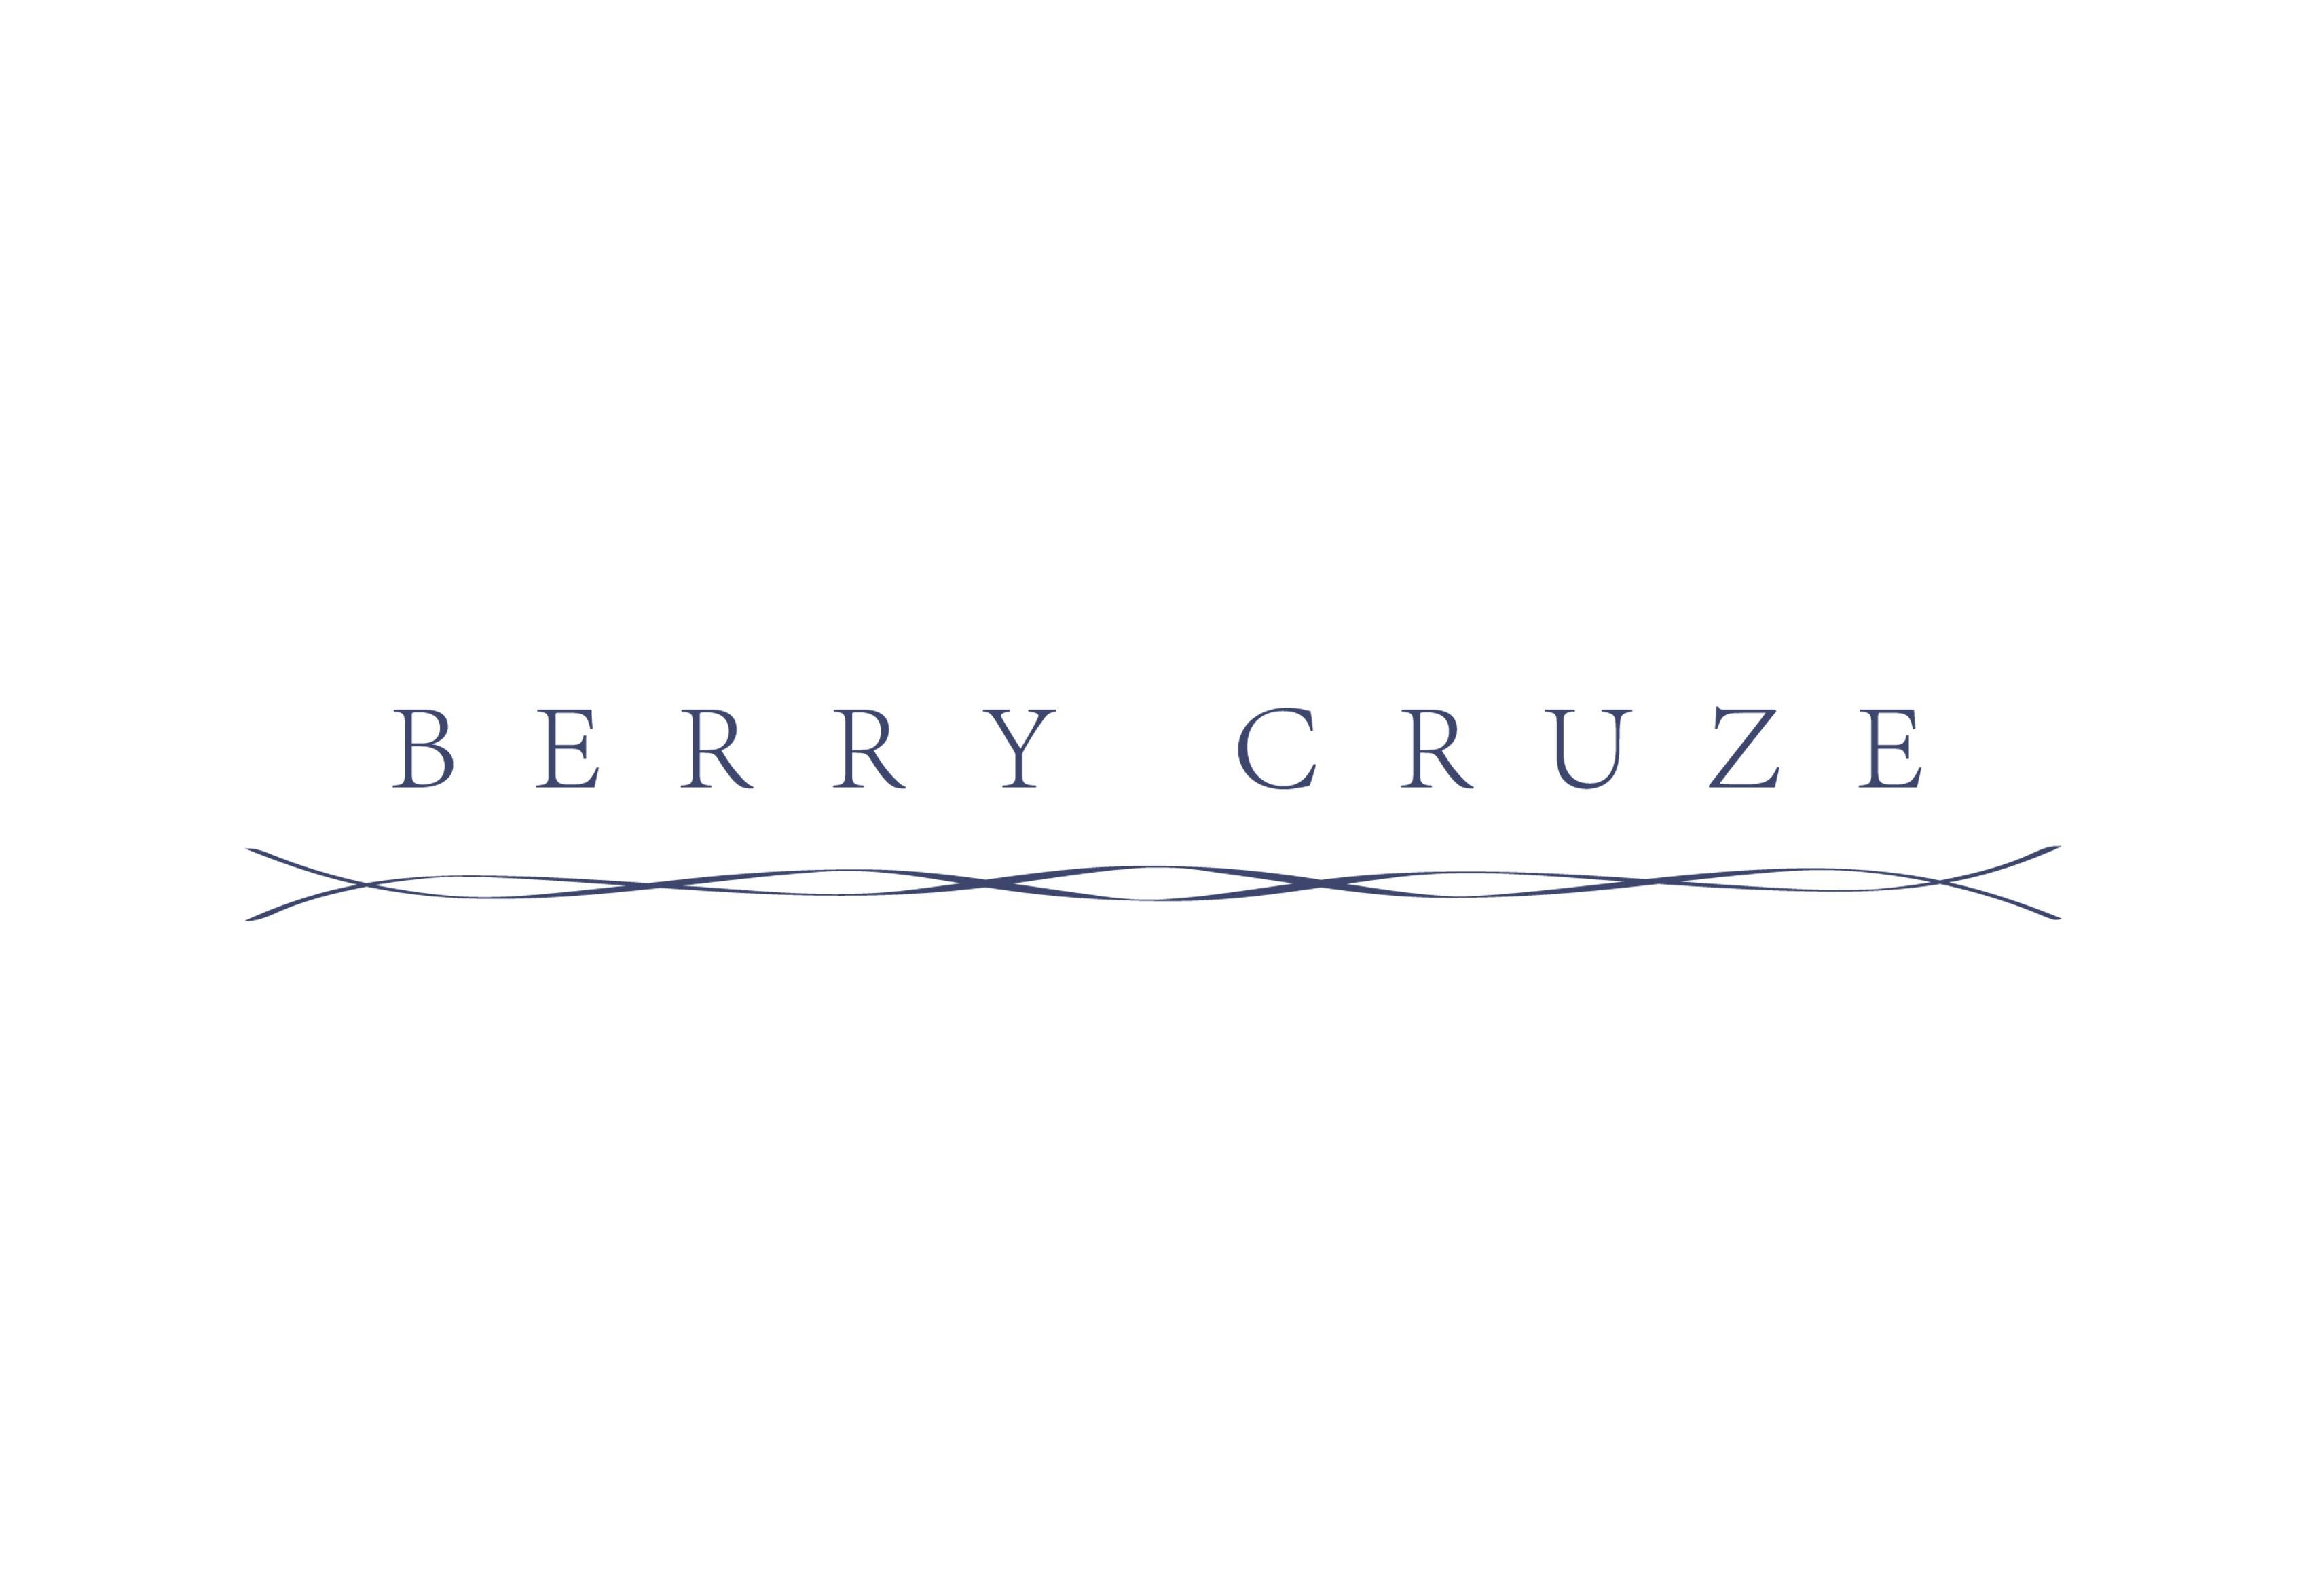 berrycruze